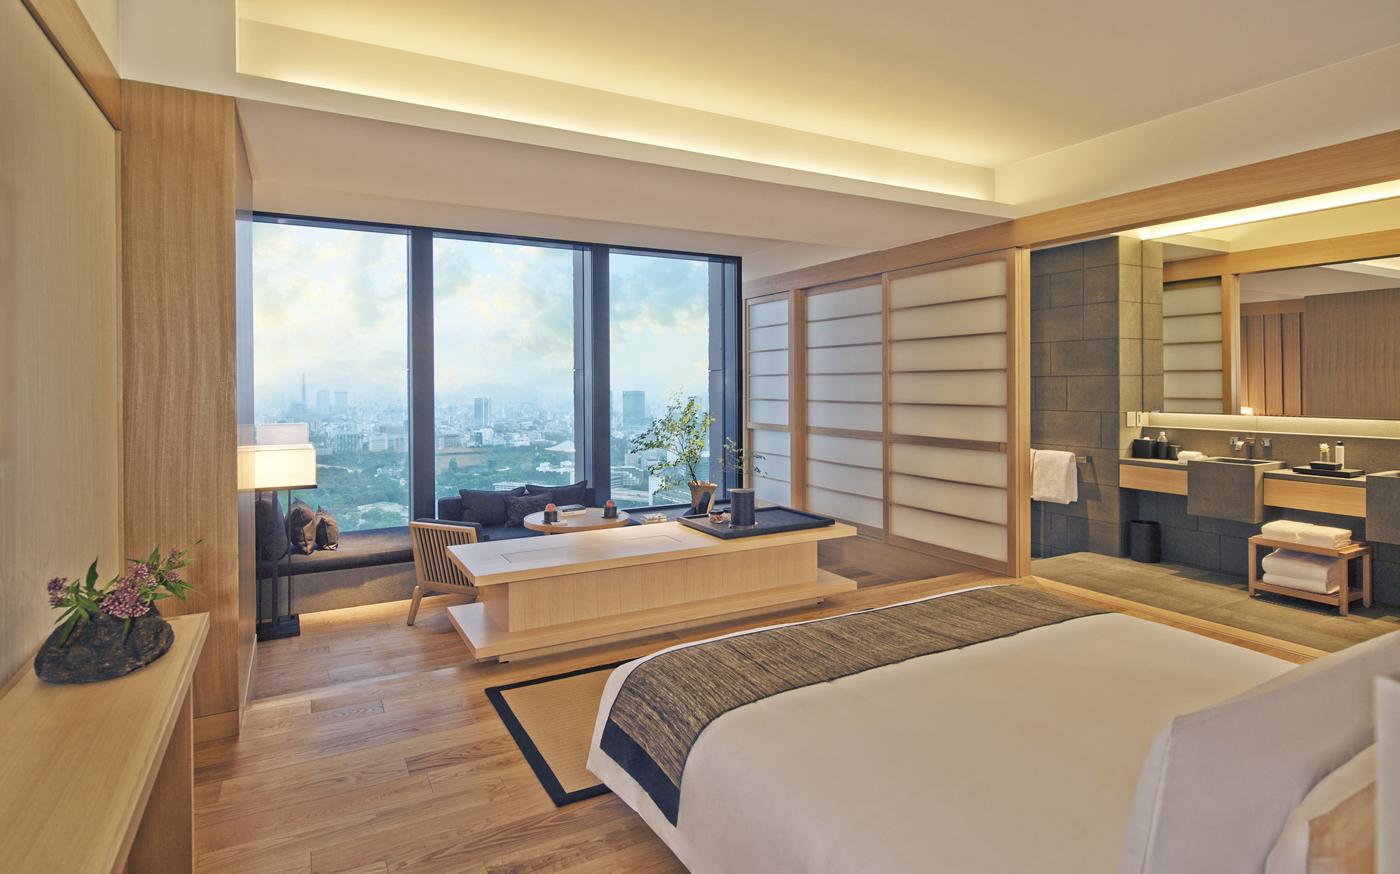 RS2331_Aman Tokyo - Deluxe Room Interior-lpr.jpg